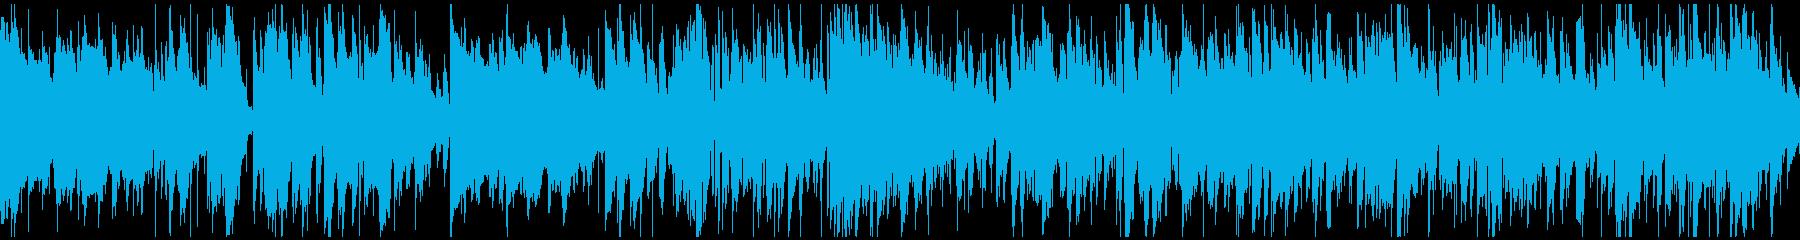 おしゃれ知的スマートジャズ※ループ仕様版の再生済みの波形